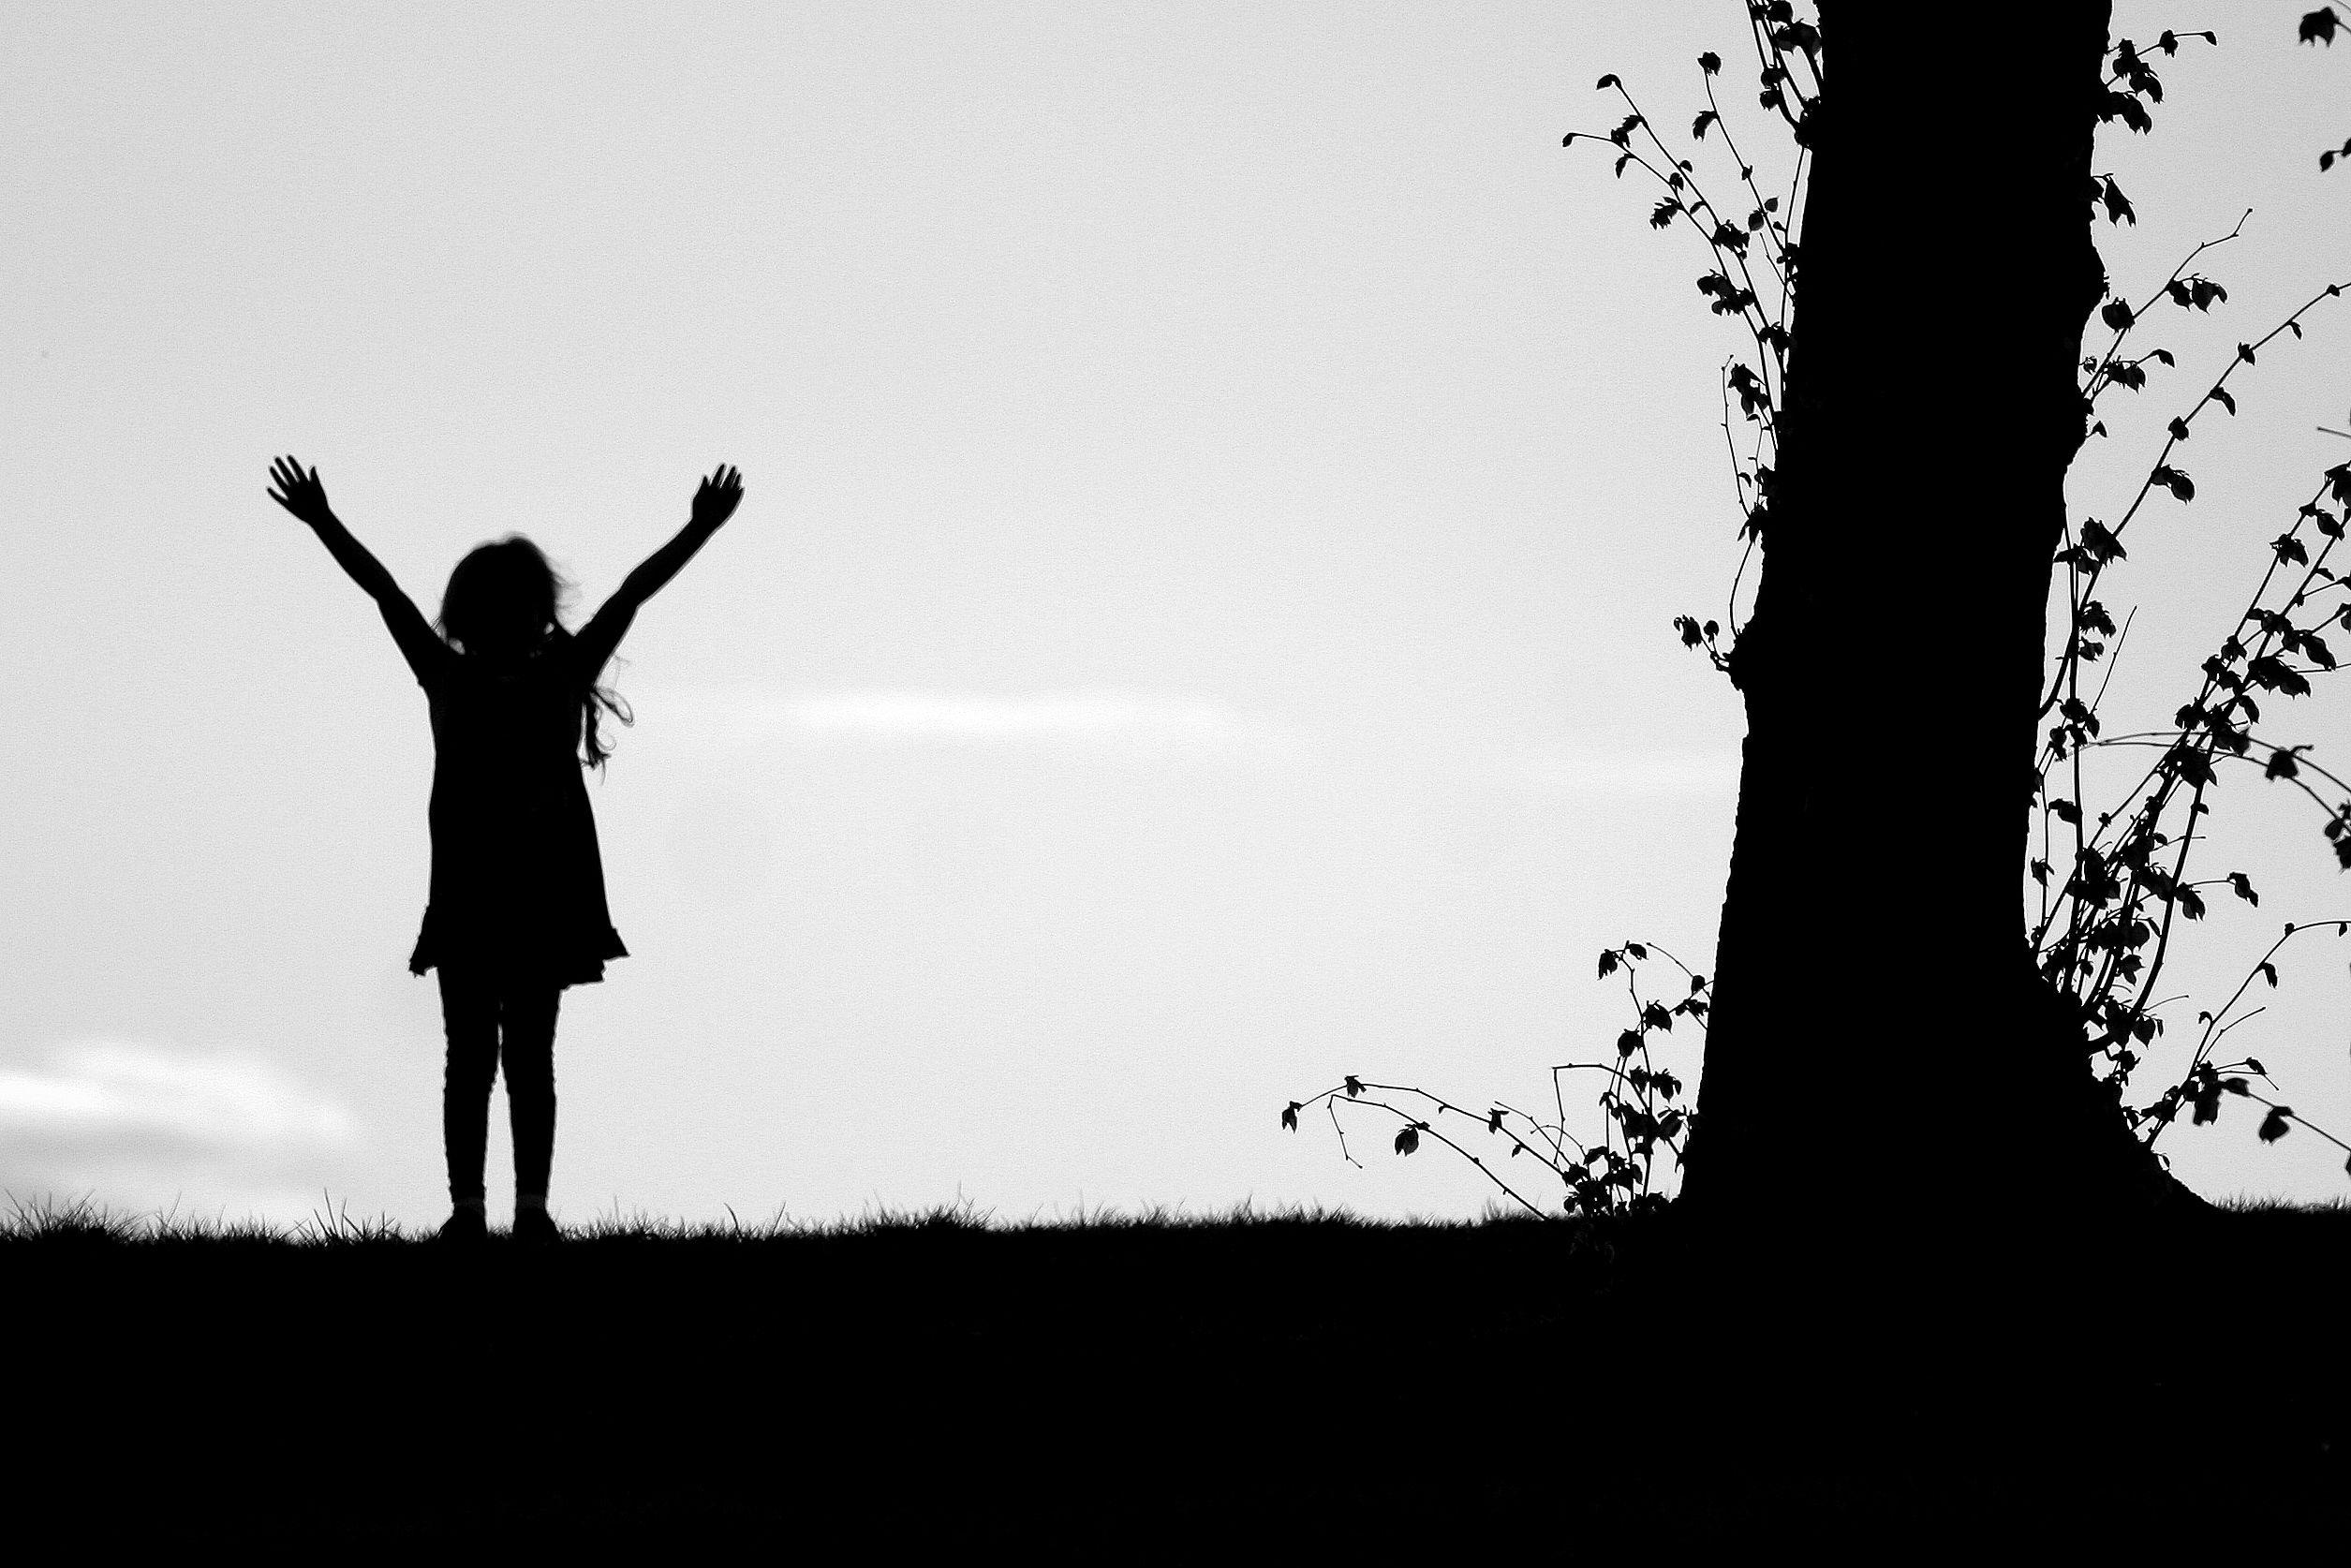 Algunas personas no ven lo bueno de lo que tienen, hasta que se ha ido. ¡No seas uno de ellos! Sé agradecido #corazón, #agradecido